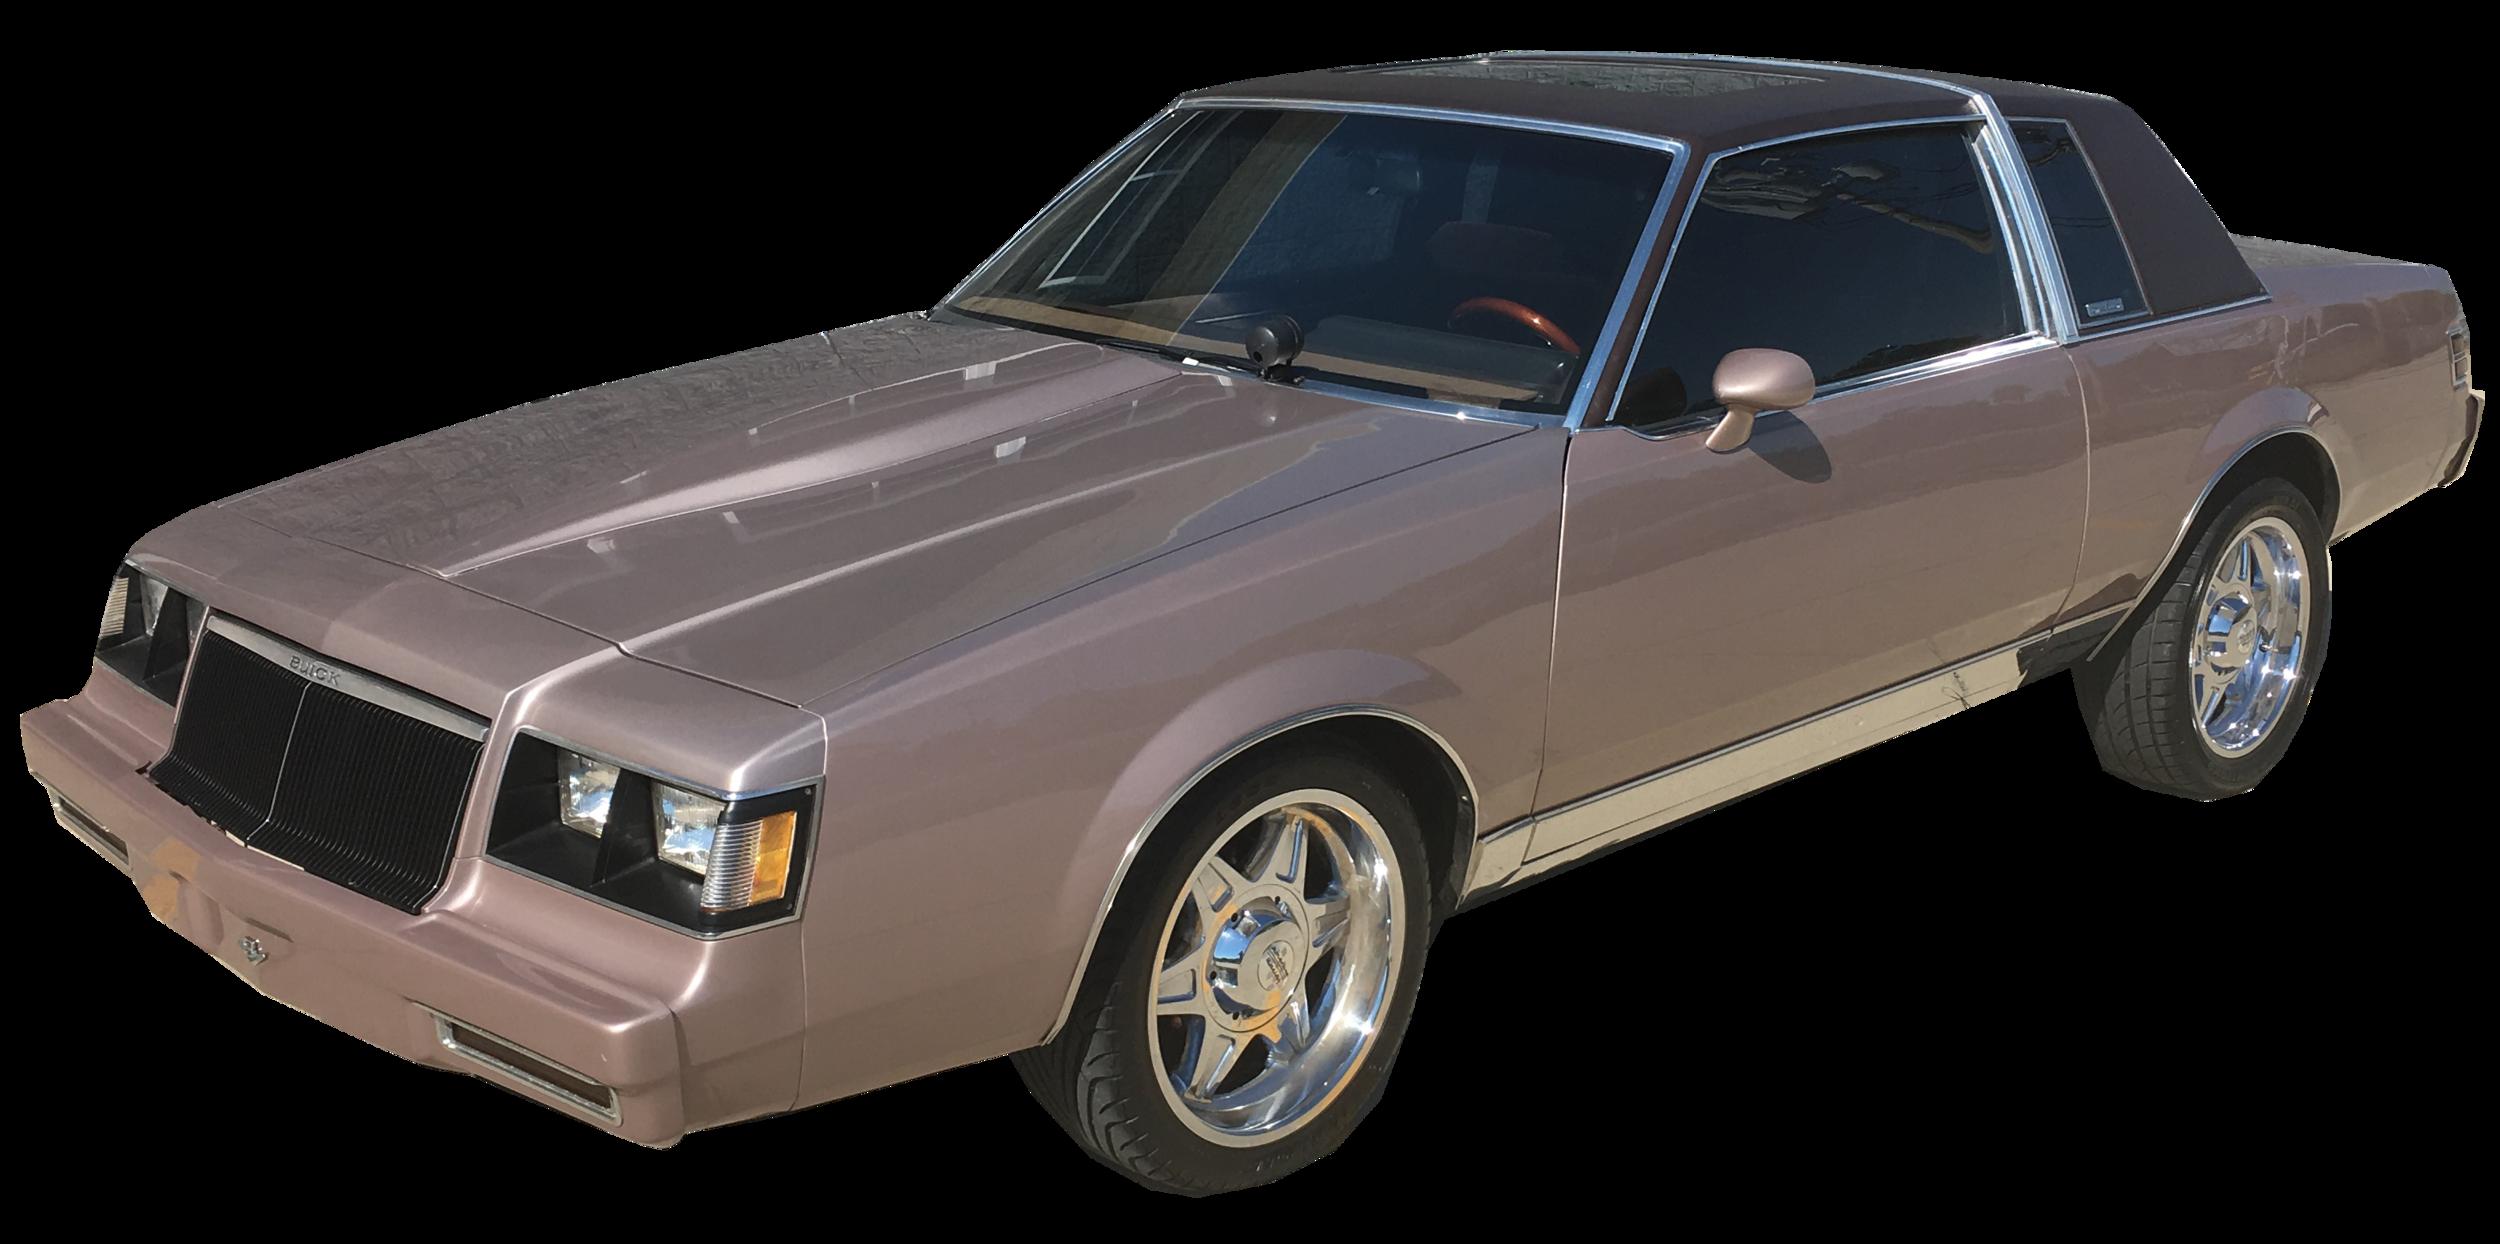 1987 Buick Regal V8